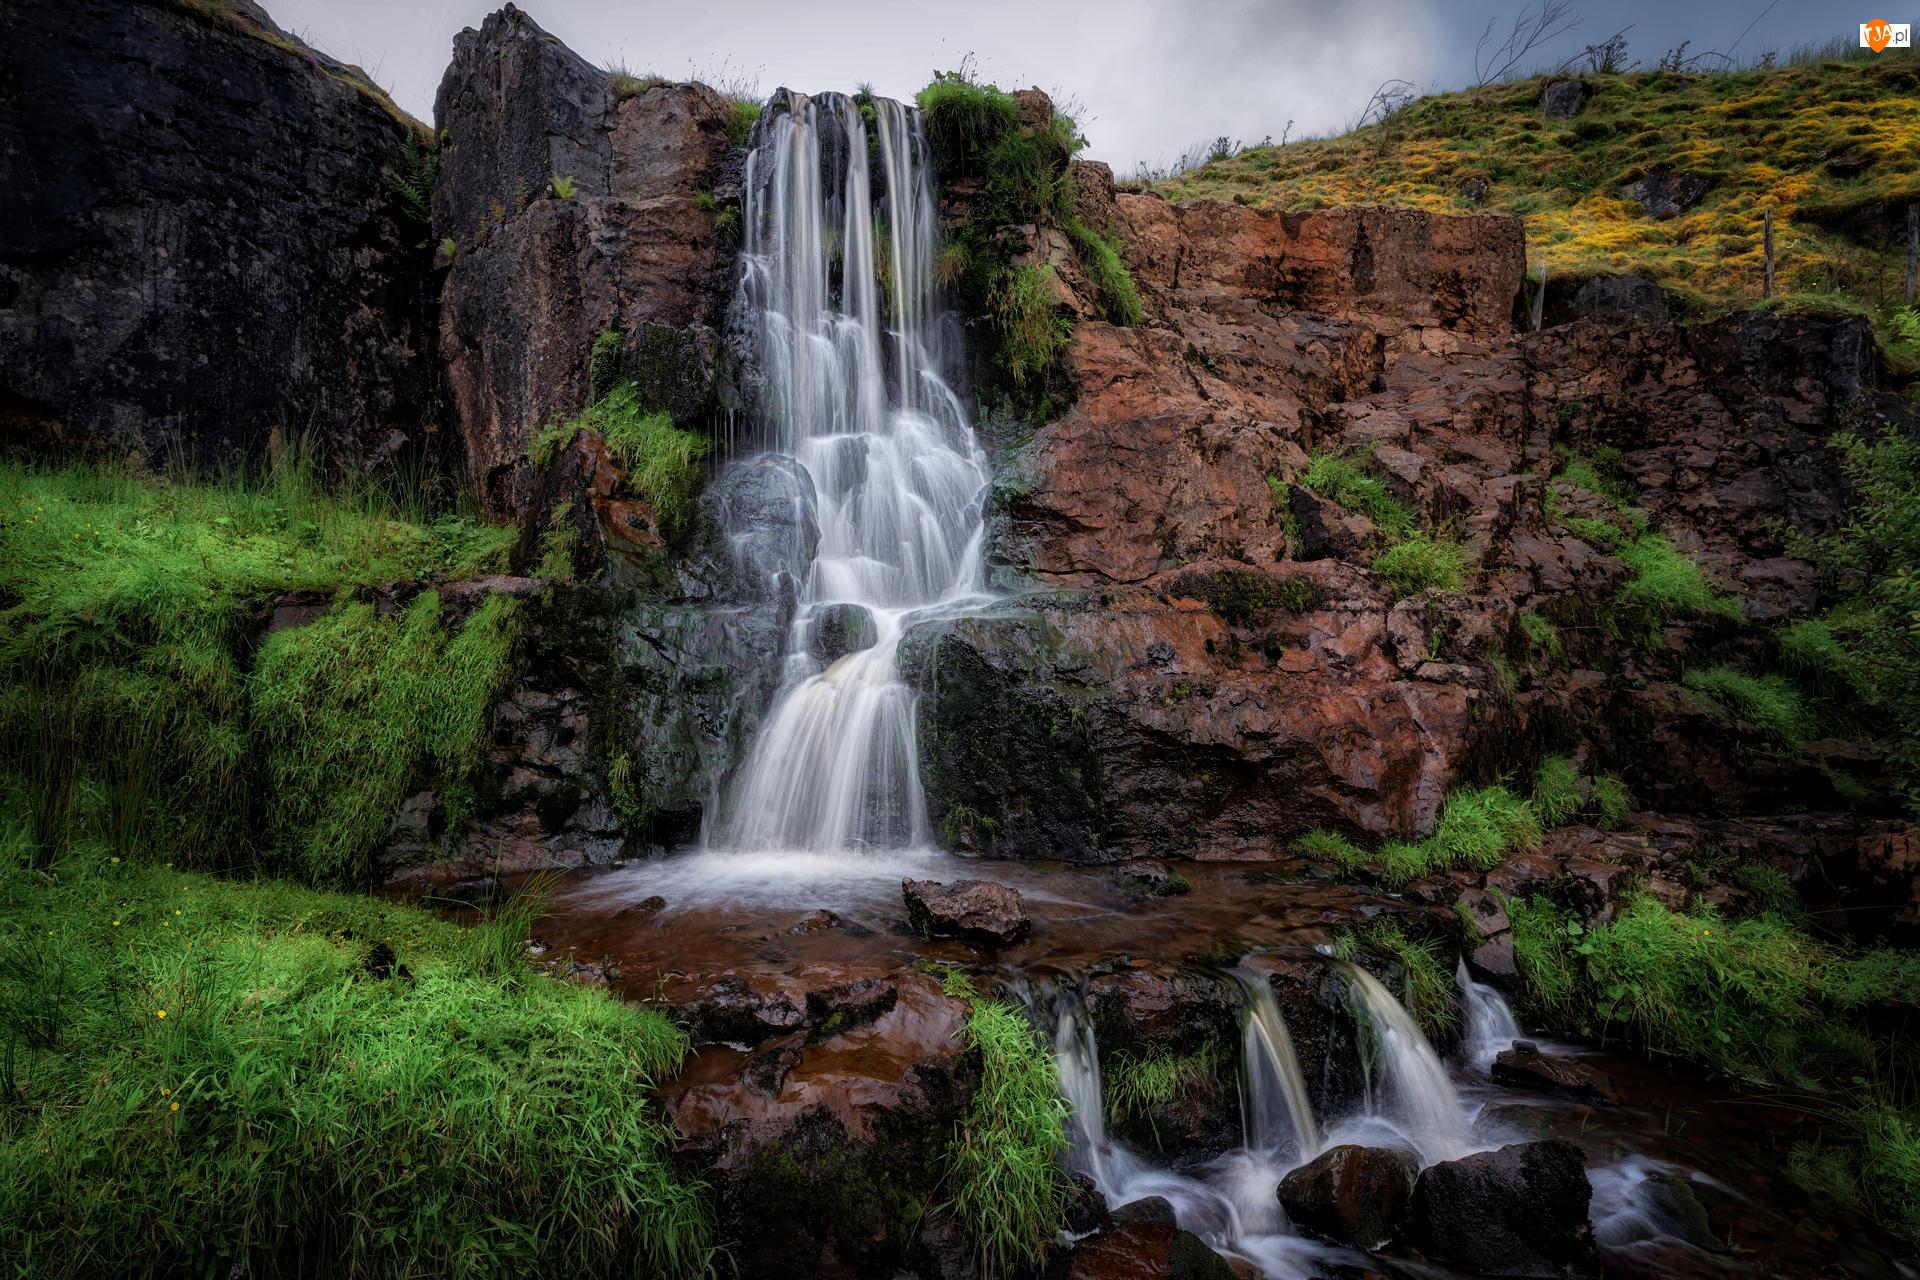 Roślinność, Wodospad, Skały, Zielona